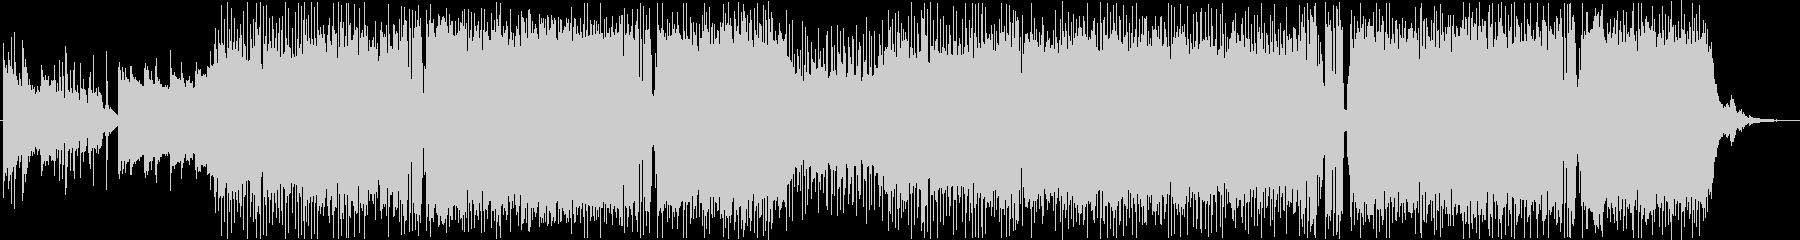 エンディングテーマ切ないアニソンポップスの未再生の波形